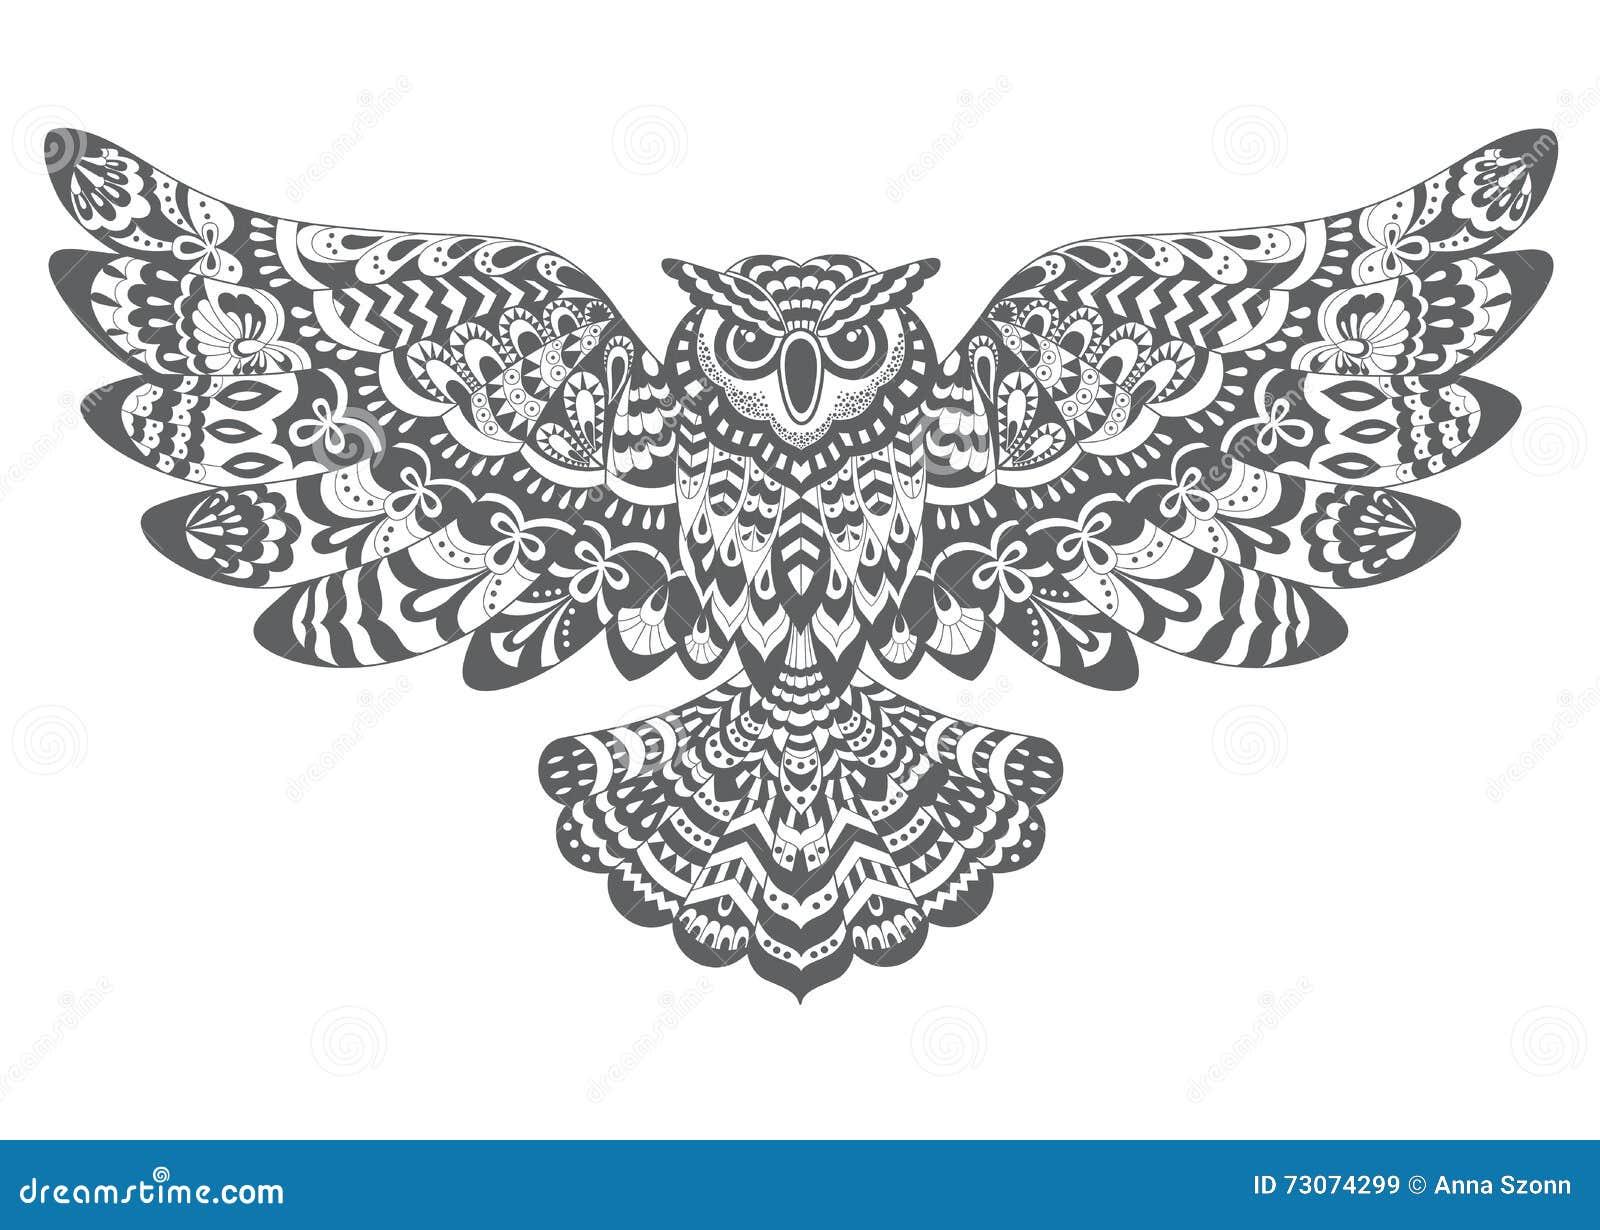 stilisierte dekorative vektoreule zeichnen für malbuch